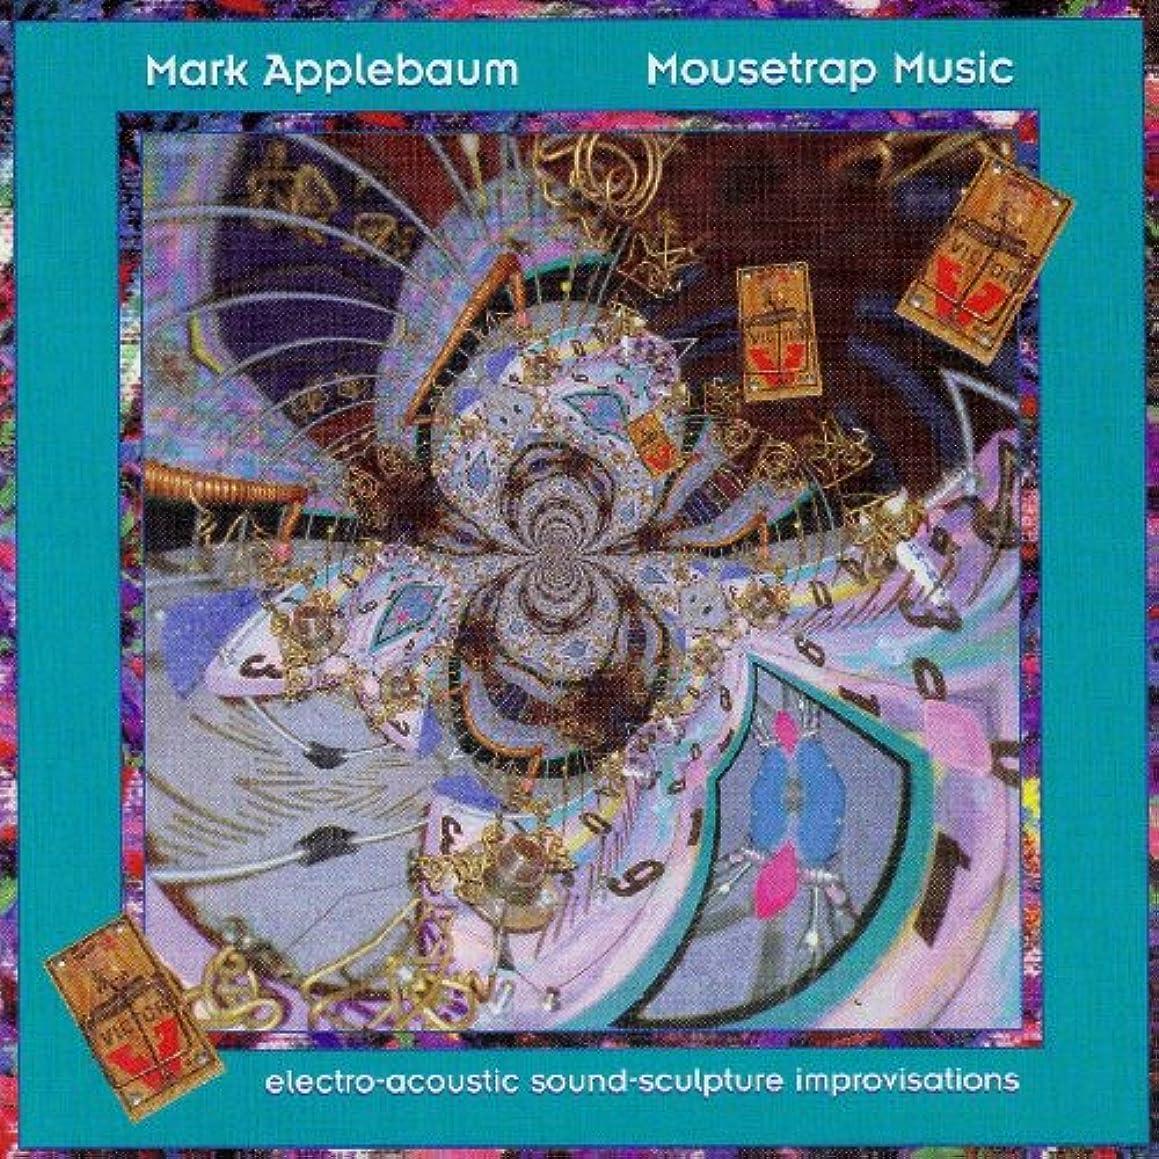 MOUSETRAP MUSIC